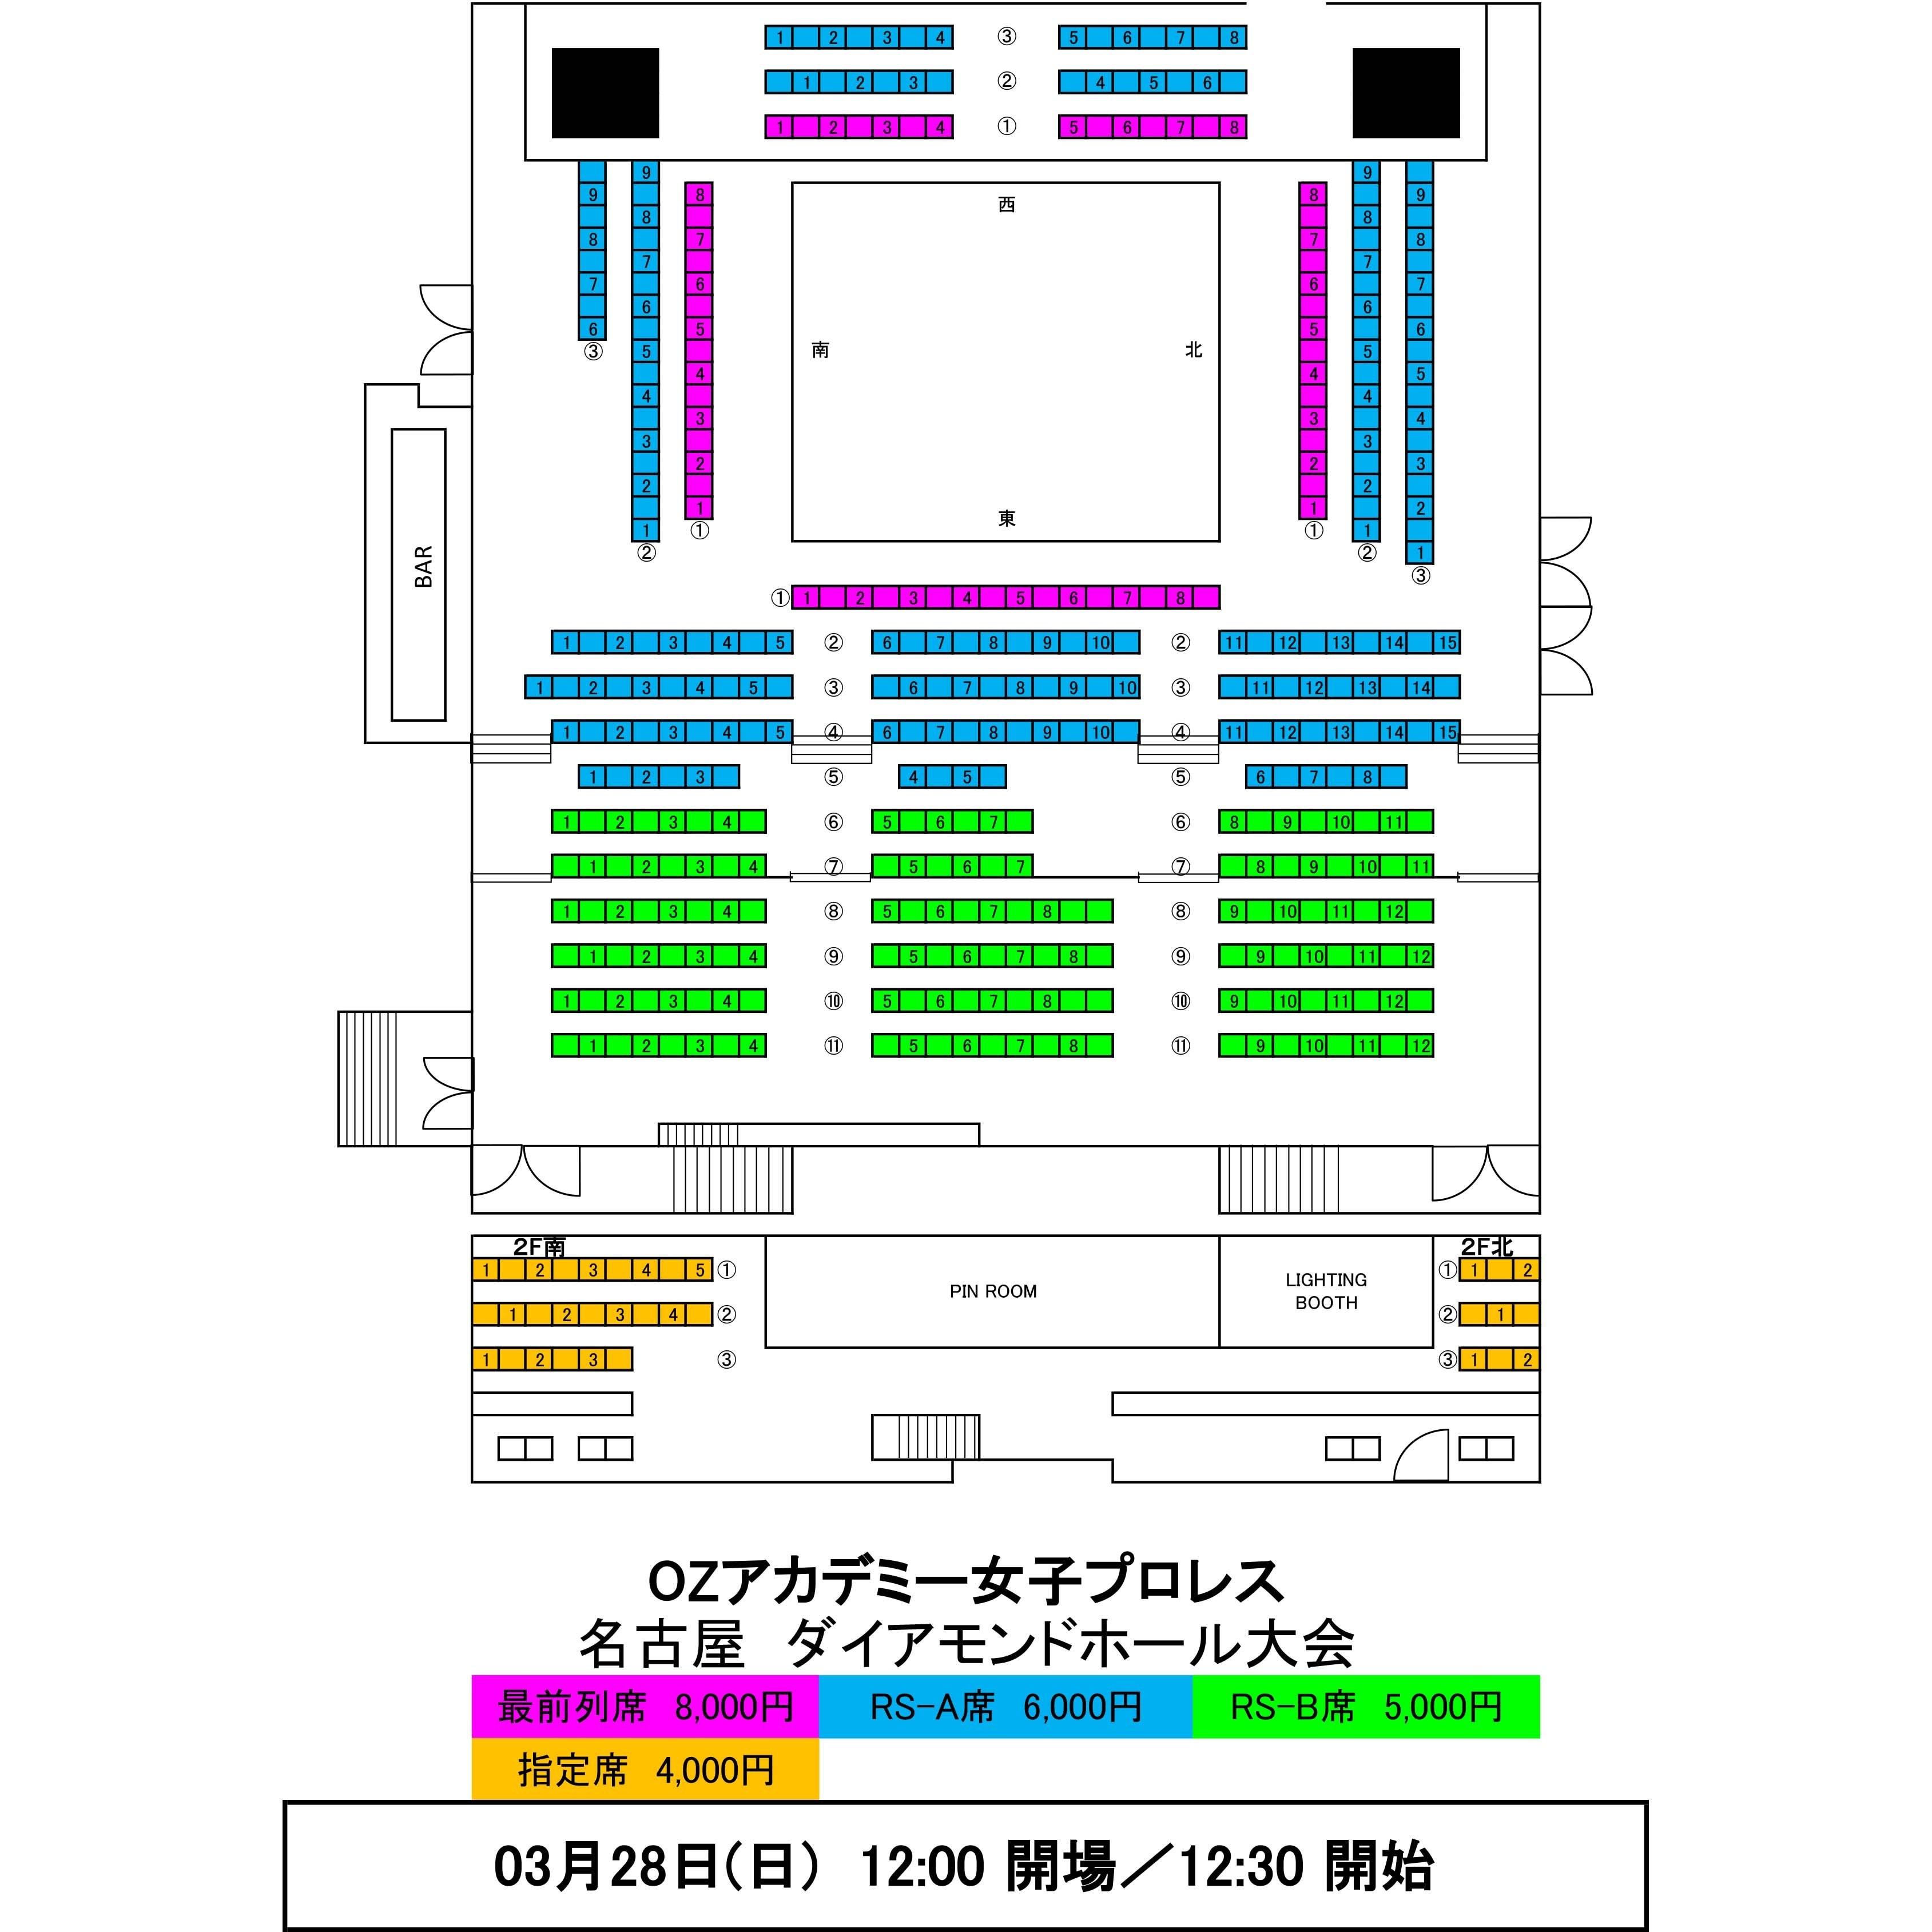 3月28日(日)名古屋ダイアモンドホール[指定席]のイメージその2